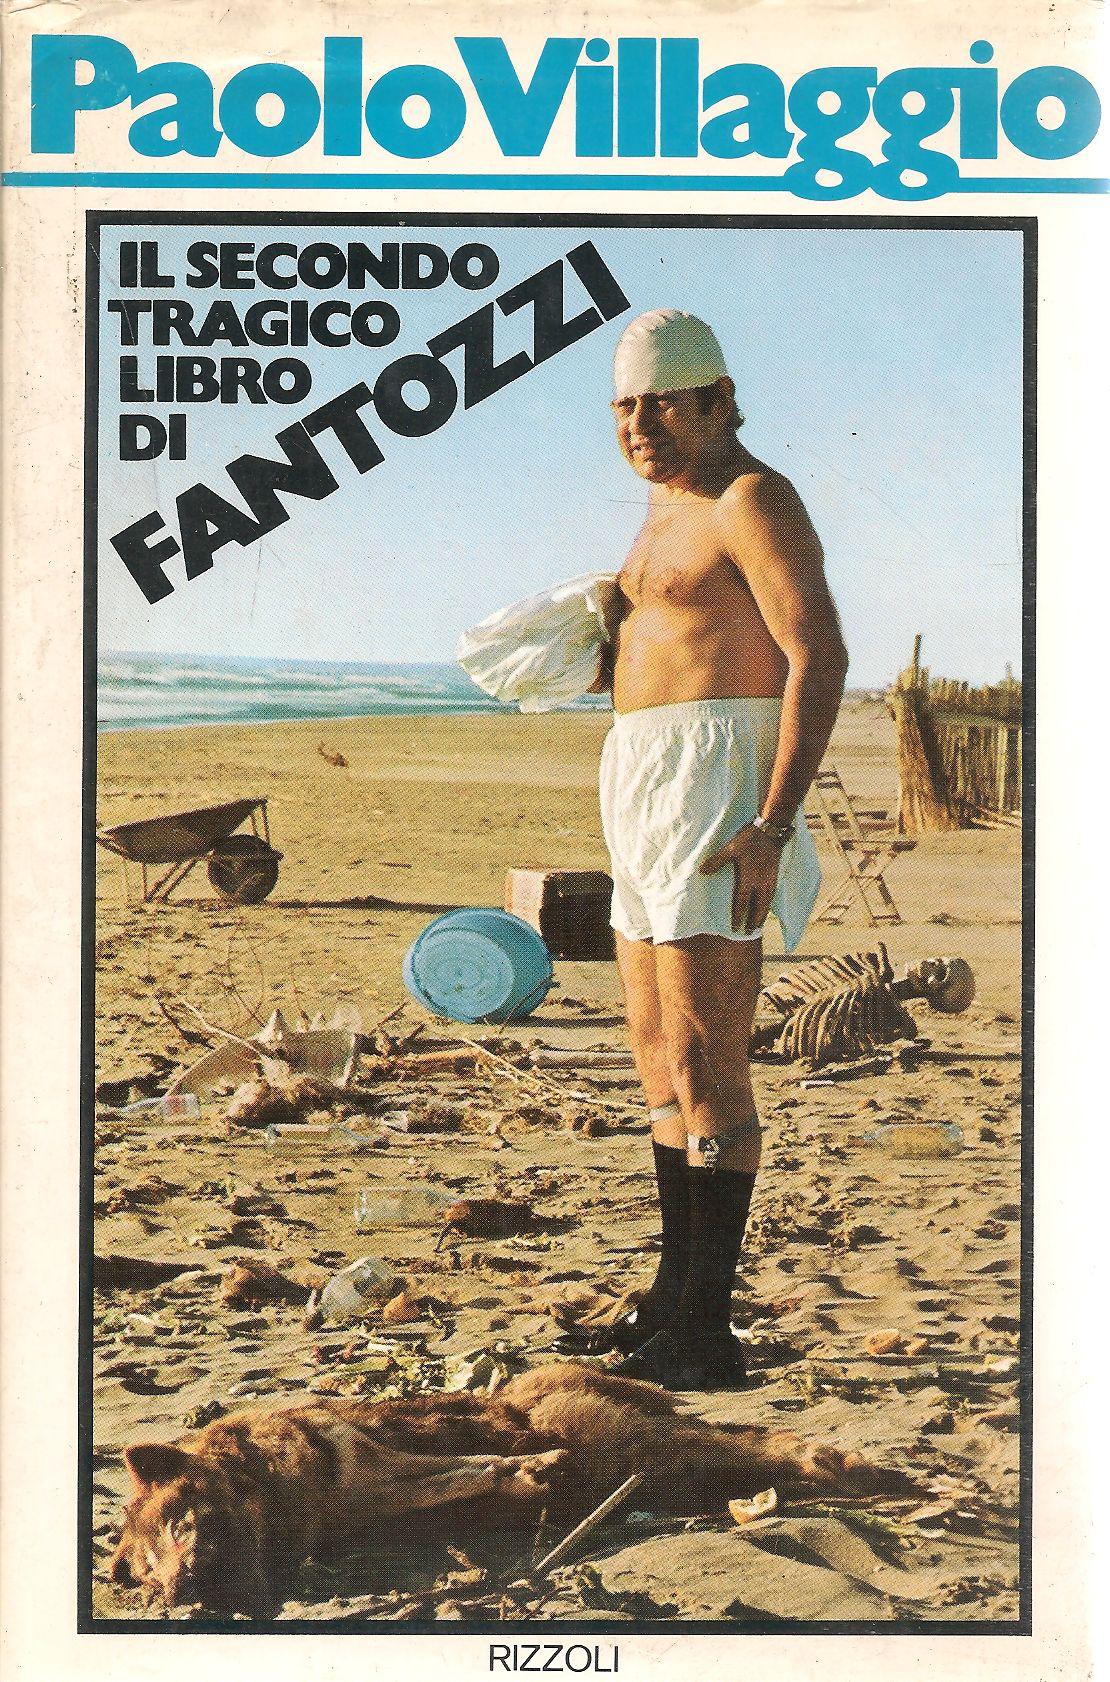 Risultati immagini per Paolo Villaggio - Il secondo tragico libro di Fantozzi